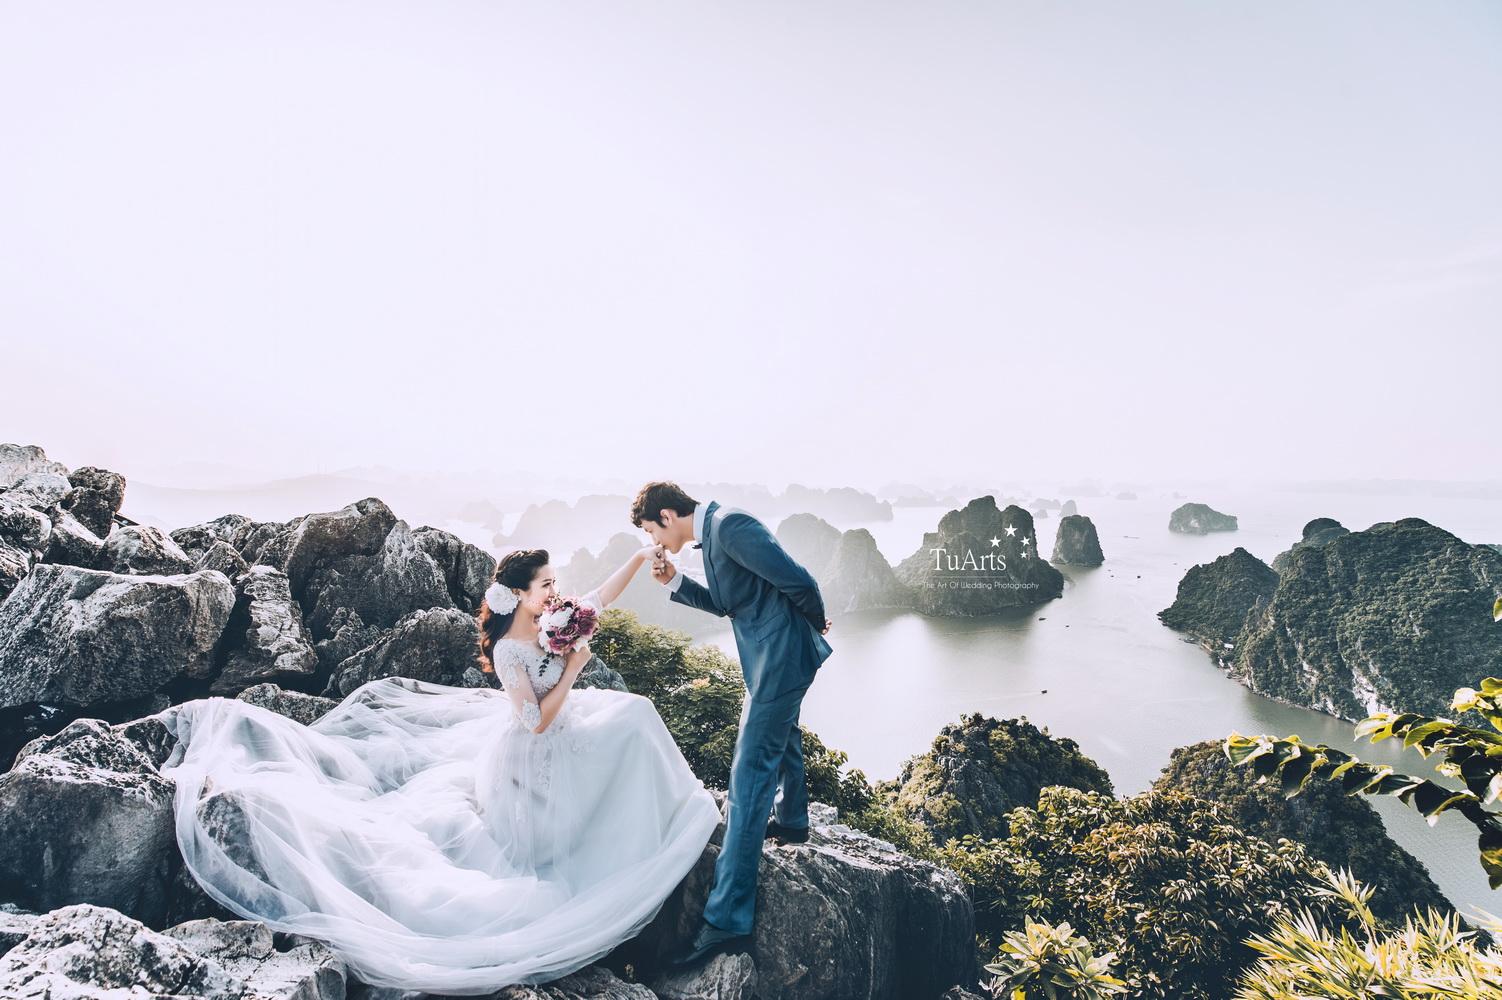 TuArt Wedding – Thương hiệuchụp ảnh cướidanh tiếng số 1 Việt Nam.